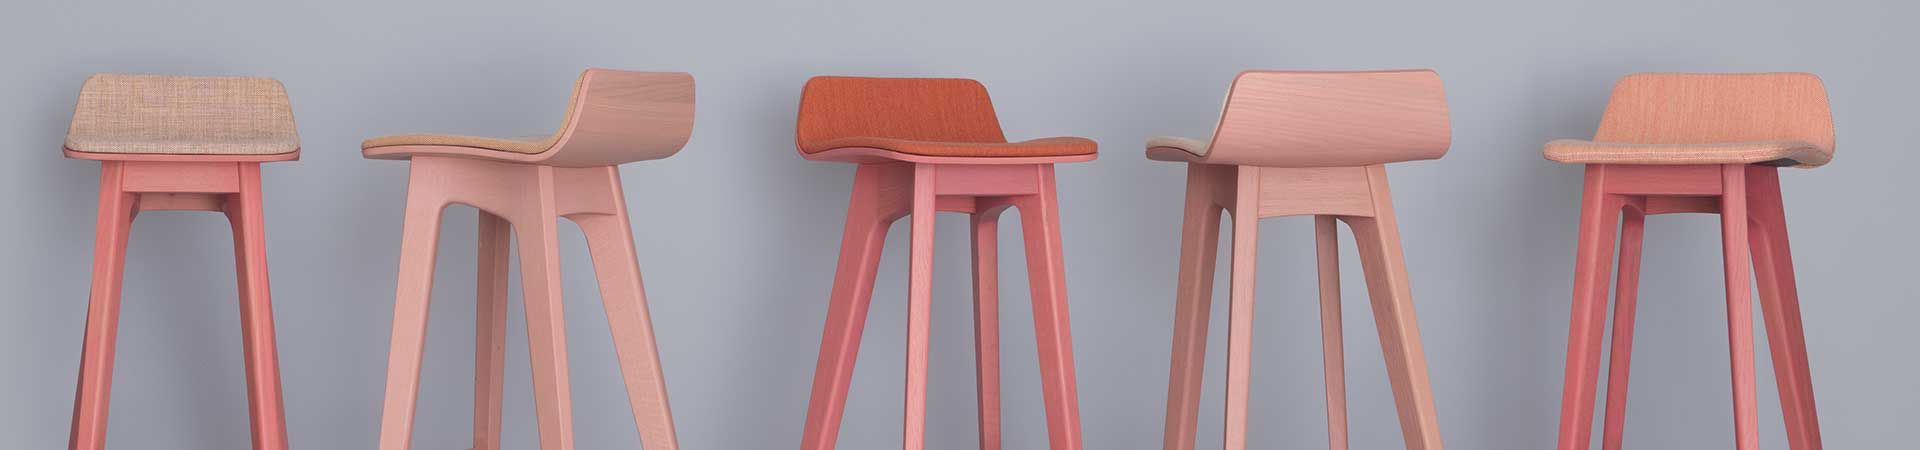 Barstühle & Hocker